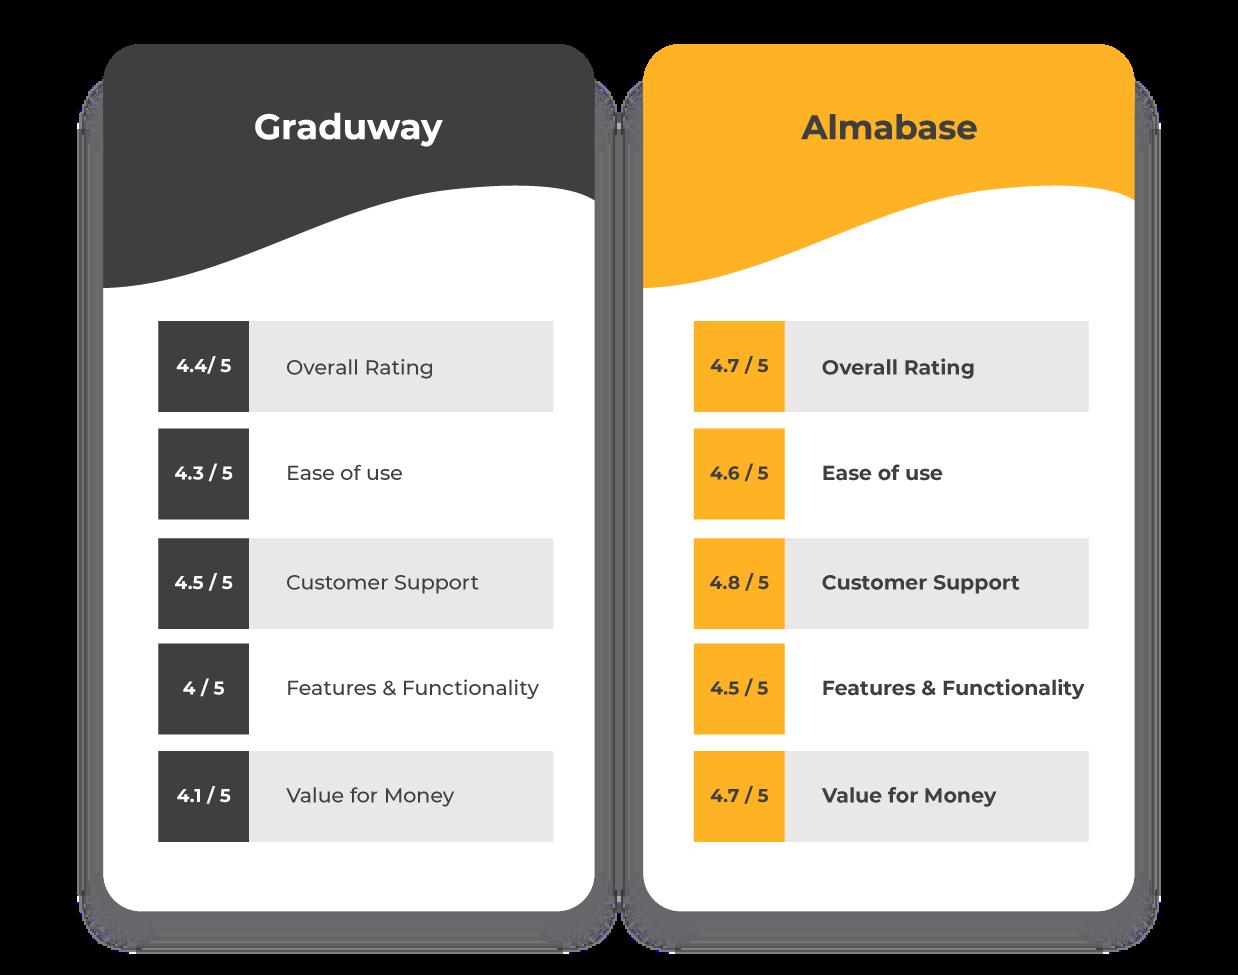 Almabase vs Graduway